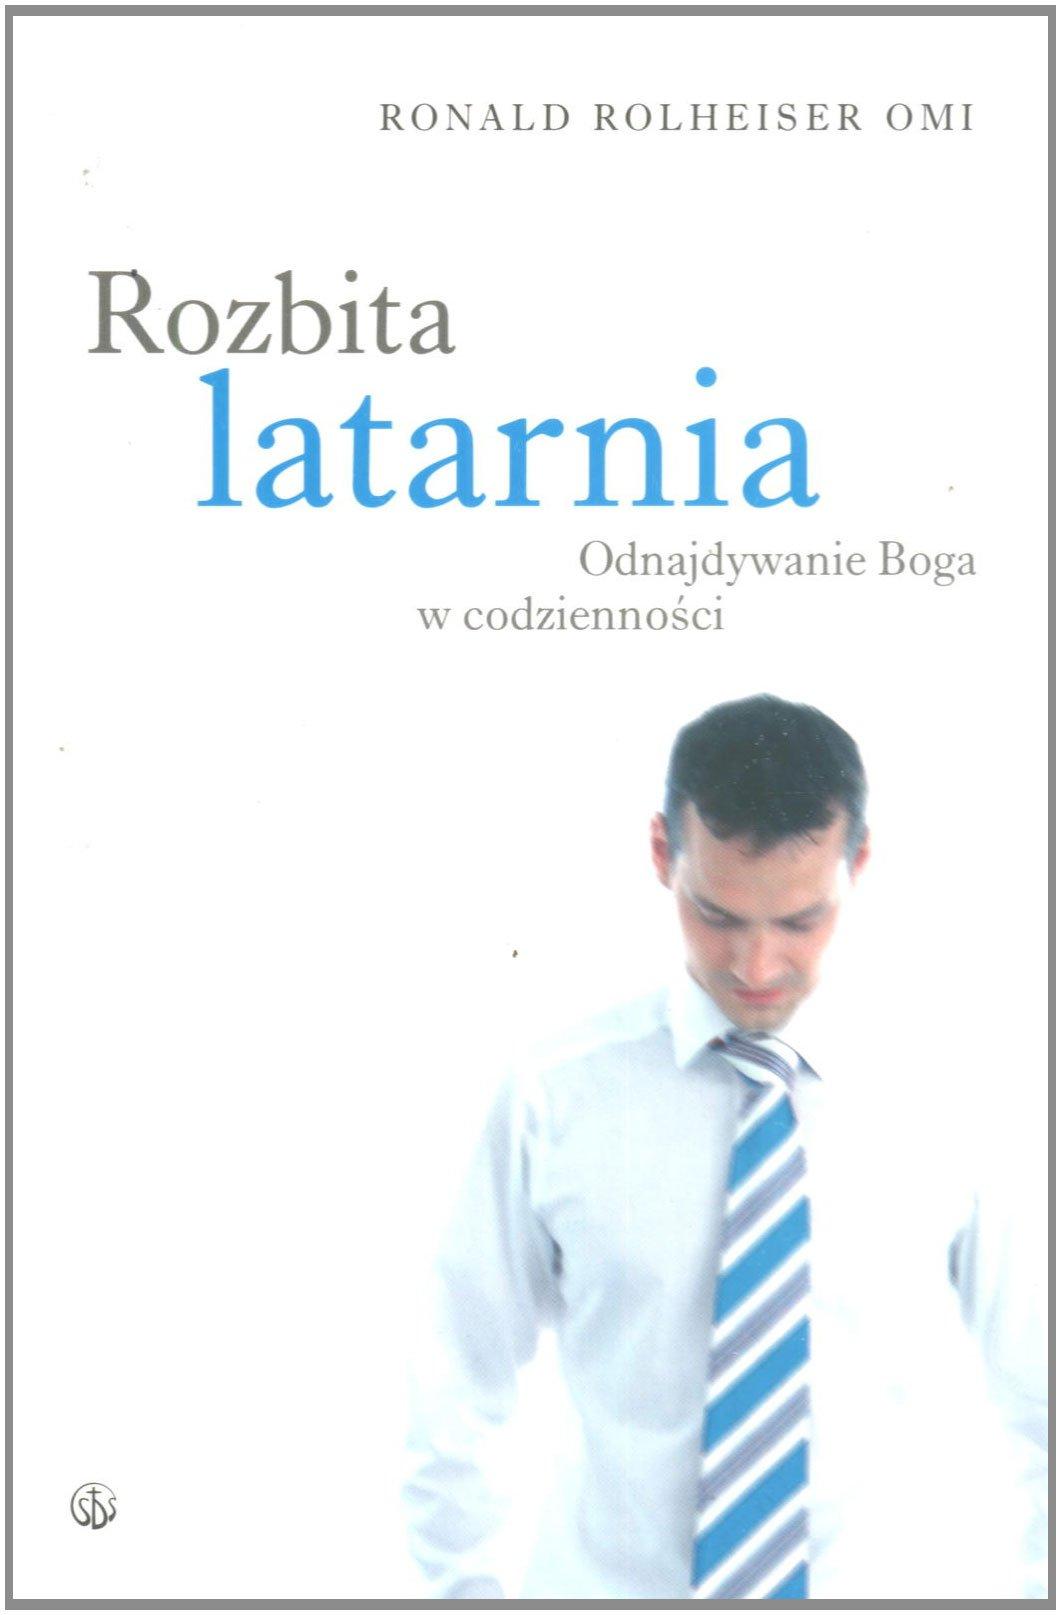 Rozbita latarnia: Odnajdywanie Boga w codziennosci: Amazon.es ...